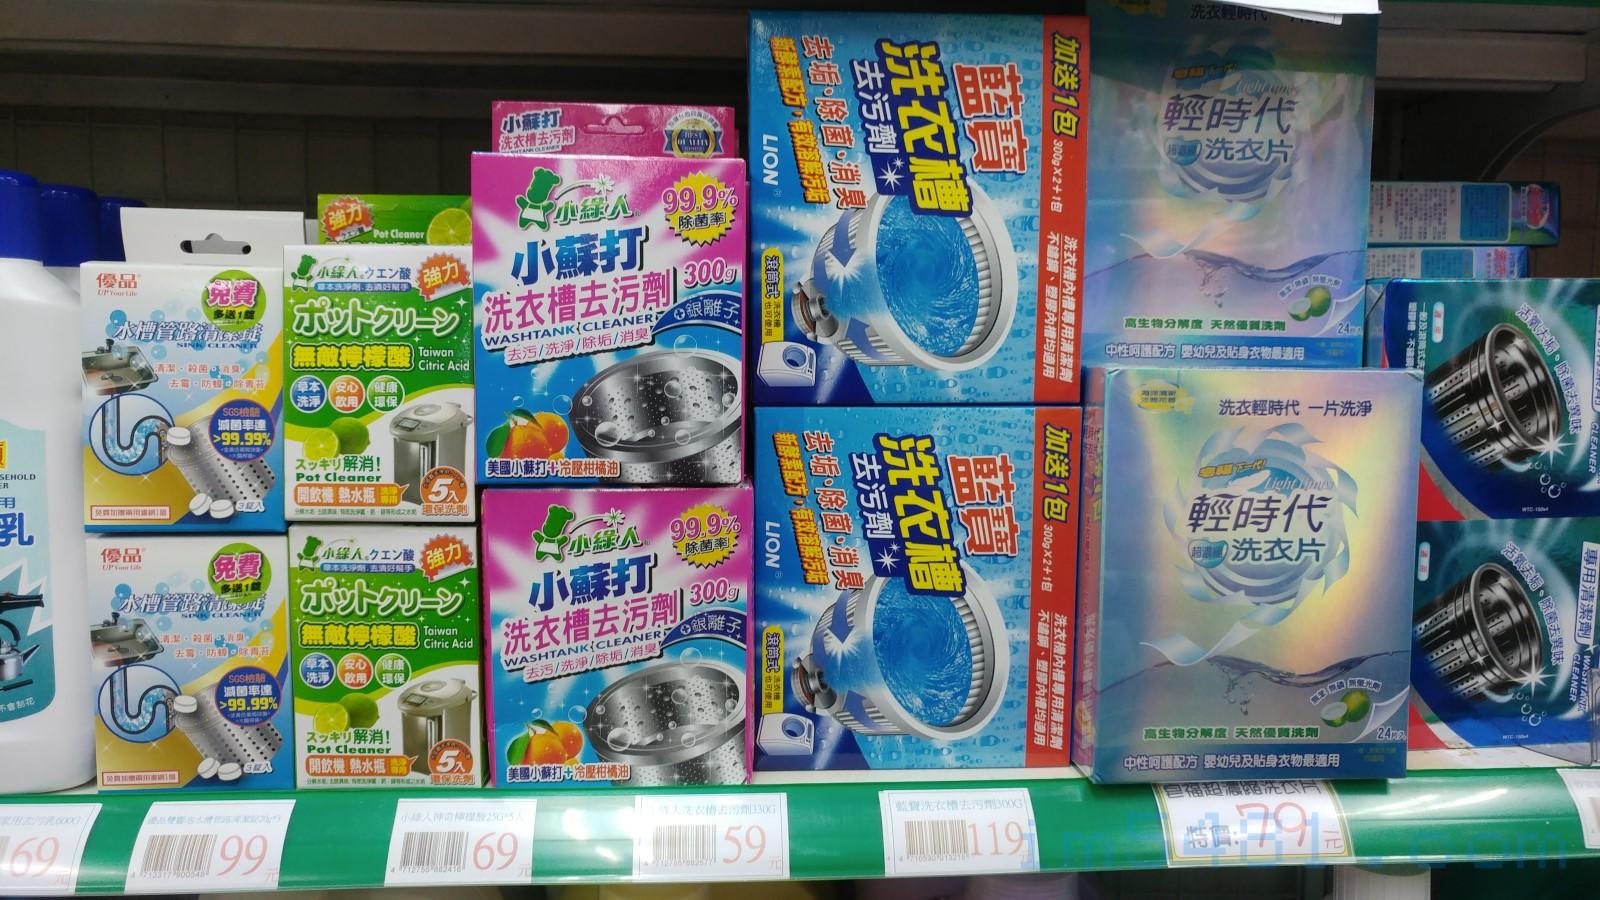 小綠人小蘇打洗衣槽去汙劑